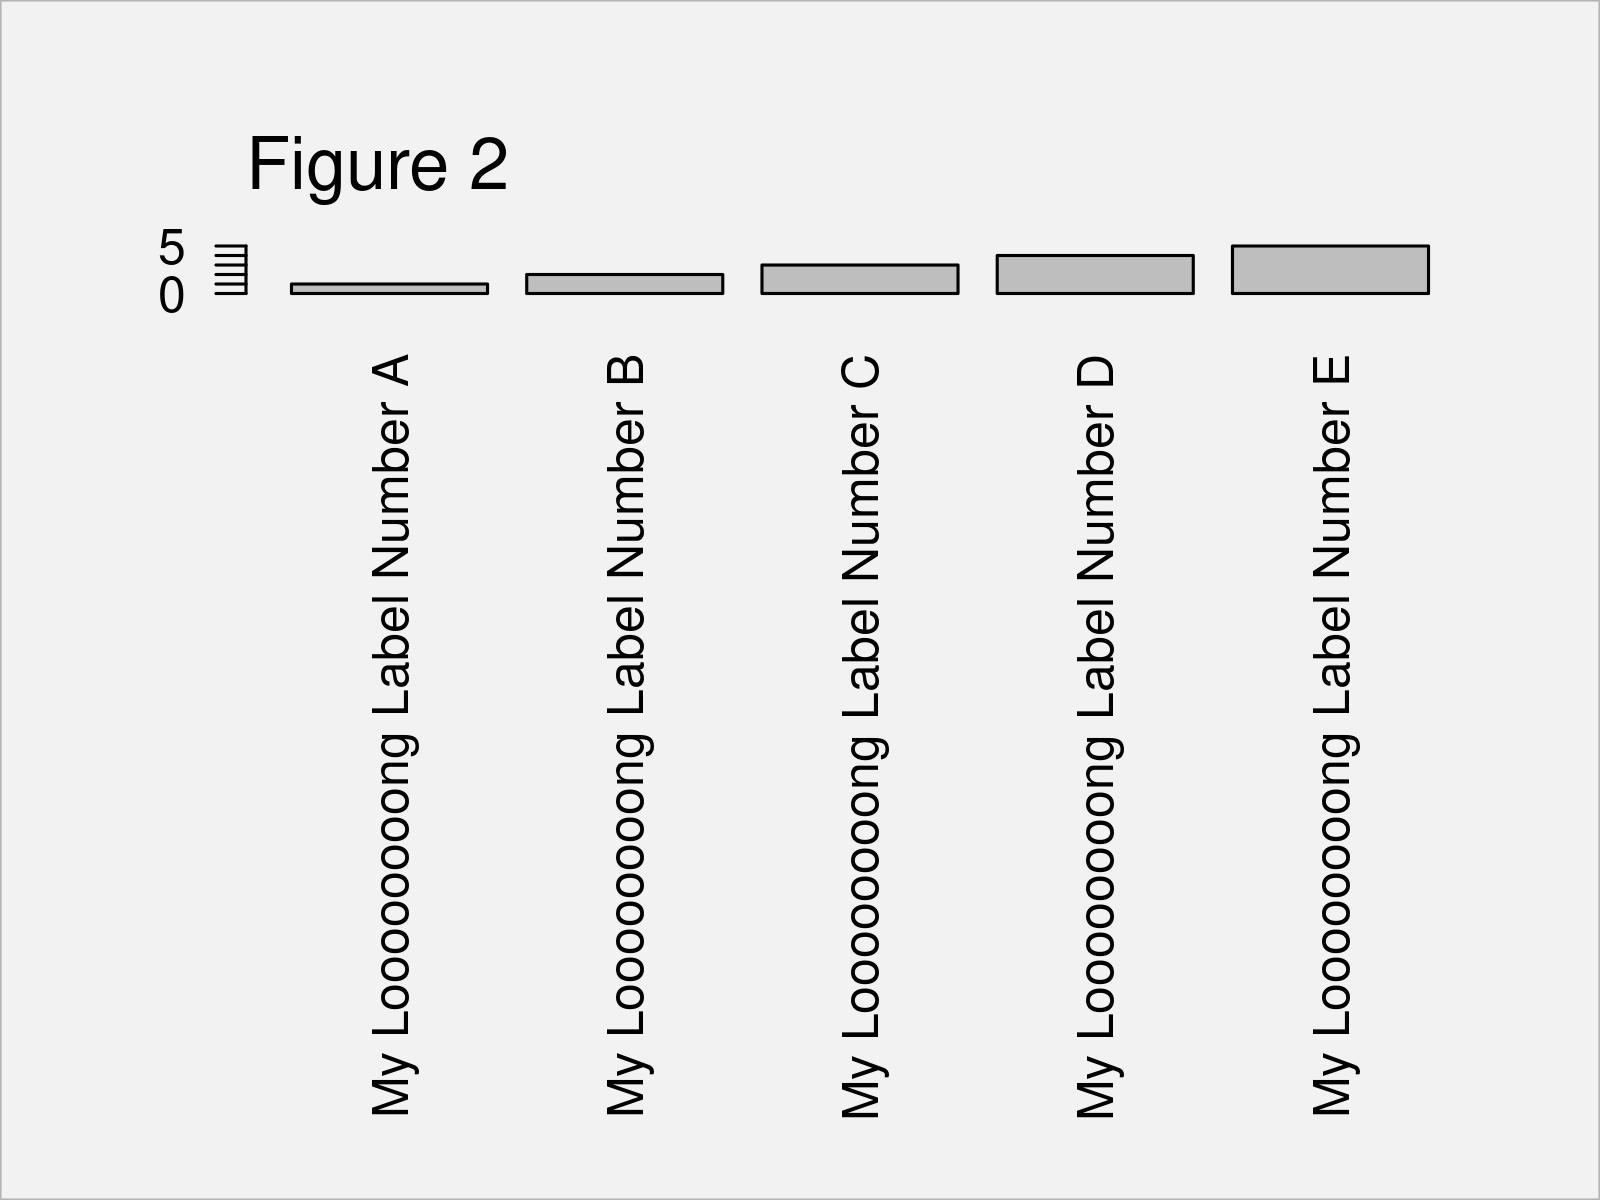 r graph figure 2 fit vertical labels plotting window r